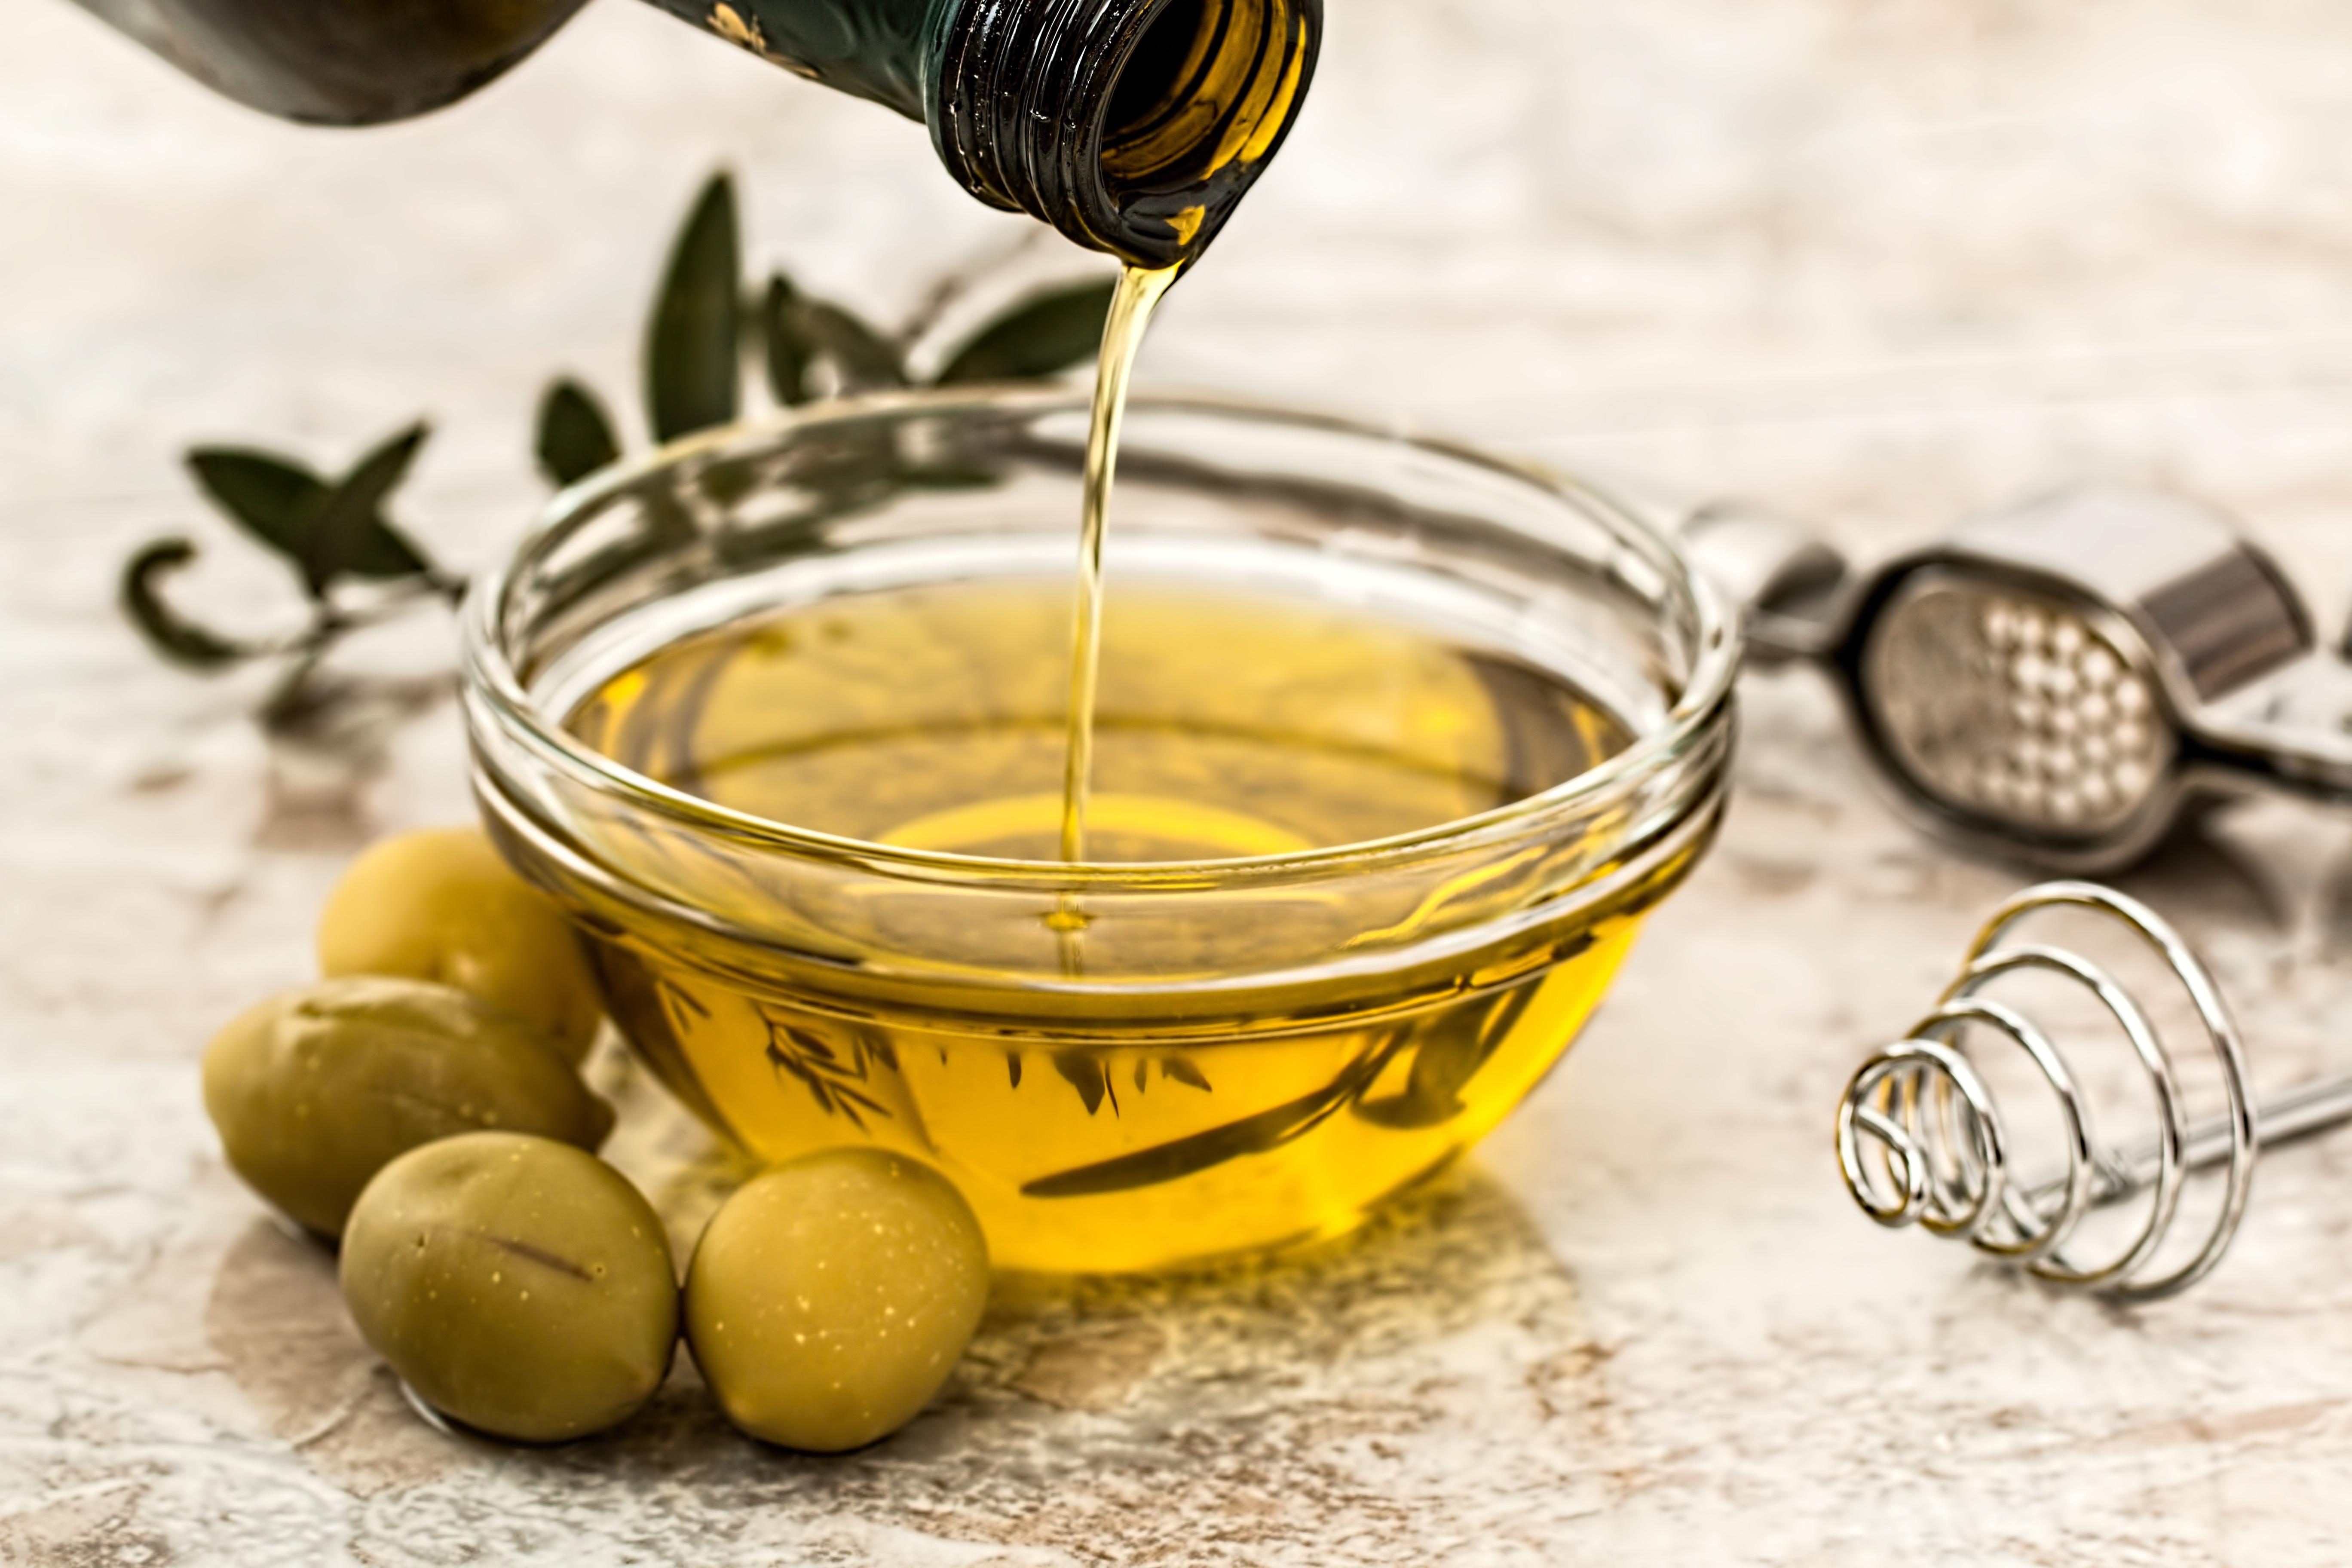 avoid undiluted essential oils